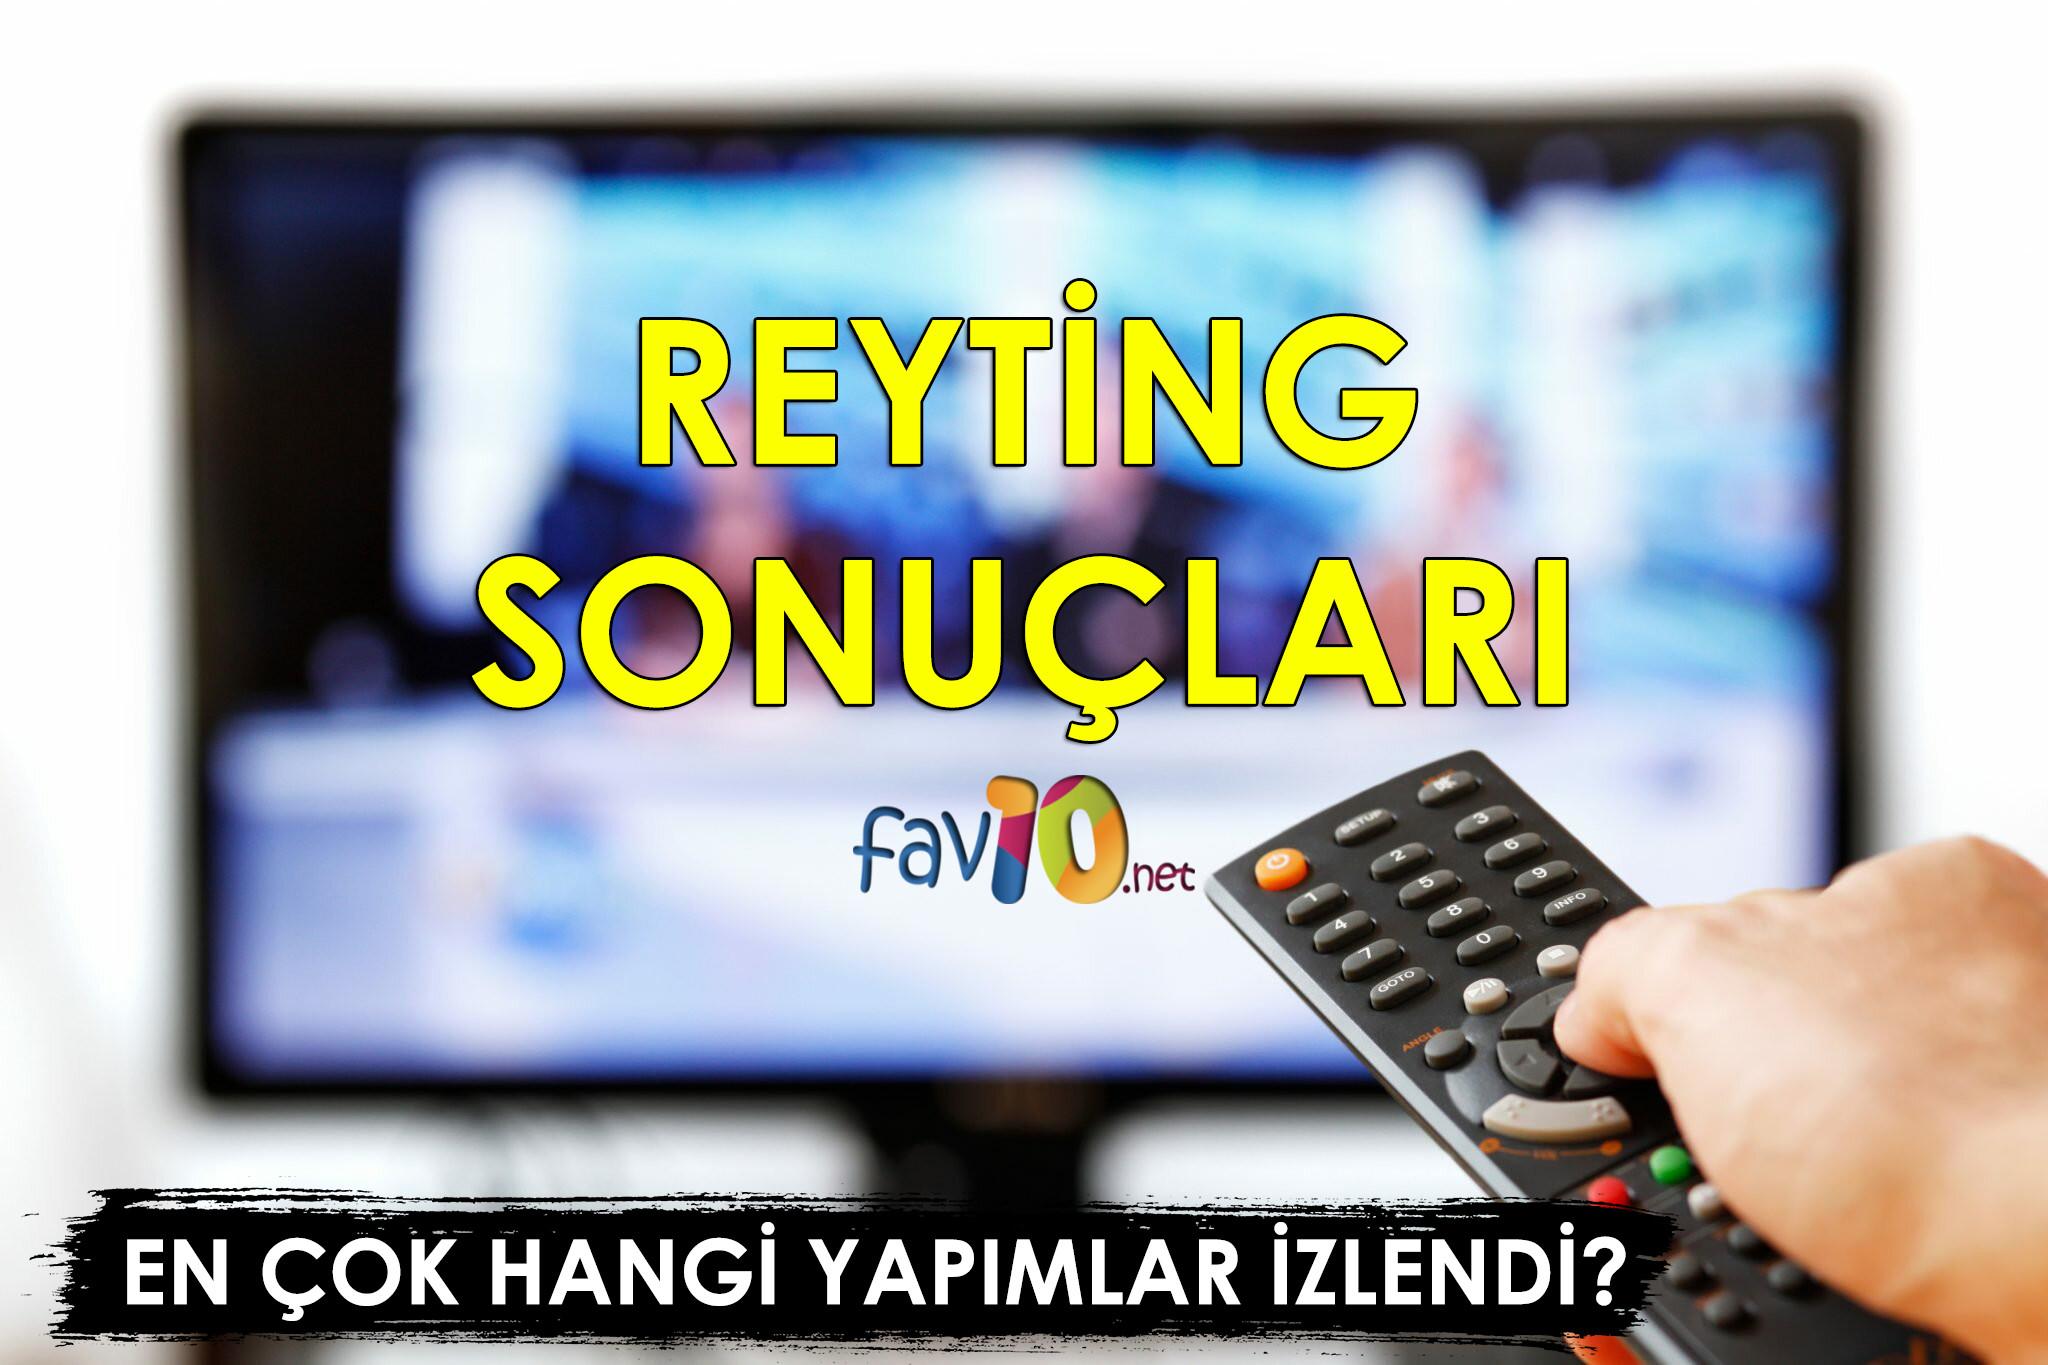 reyting-sonuclari-fav10-jpg.110072